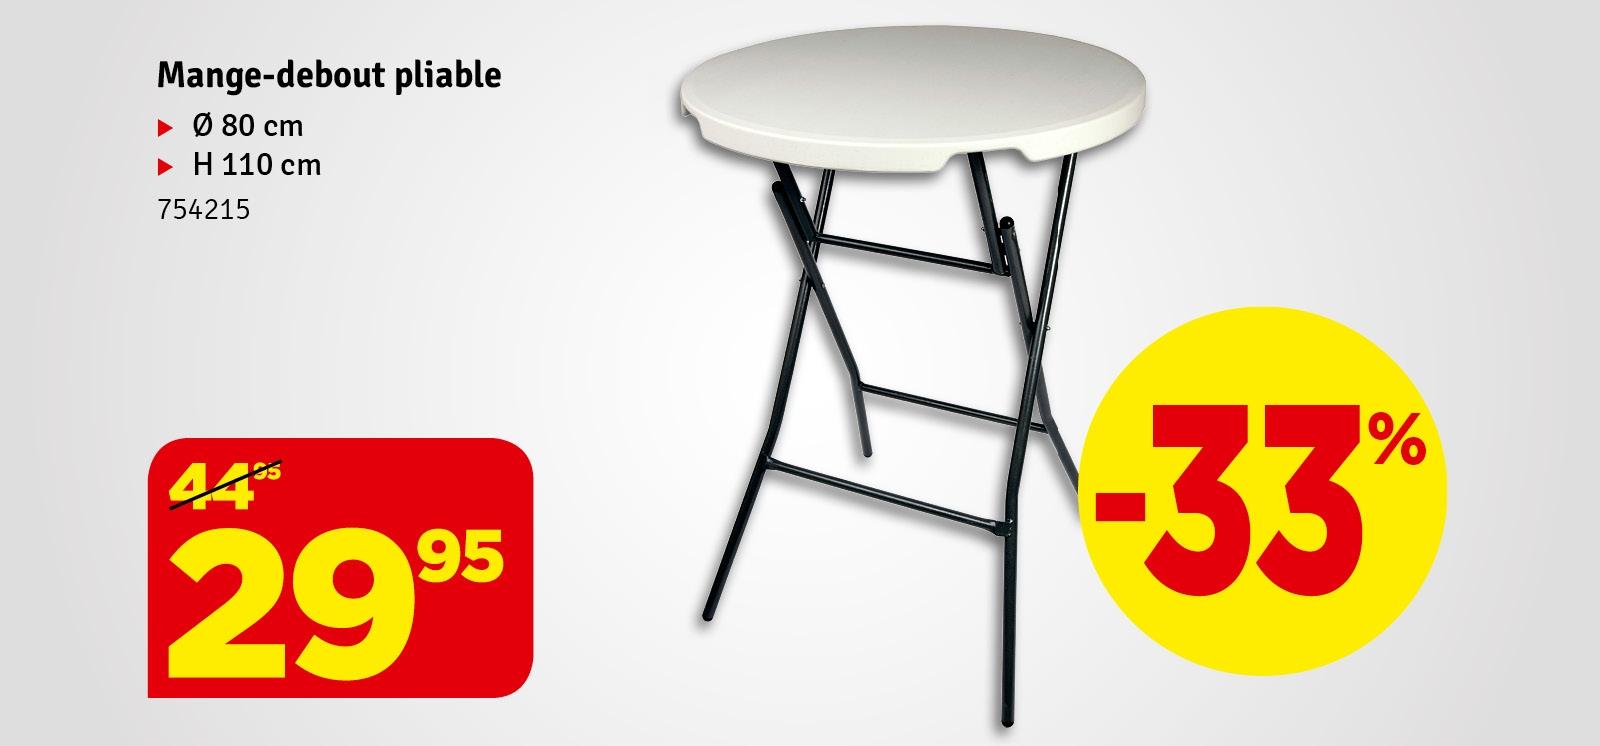 Promo - Table pliante ronde CONMETALL